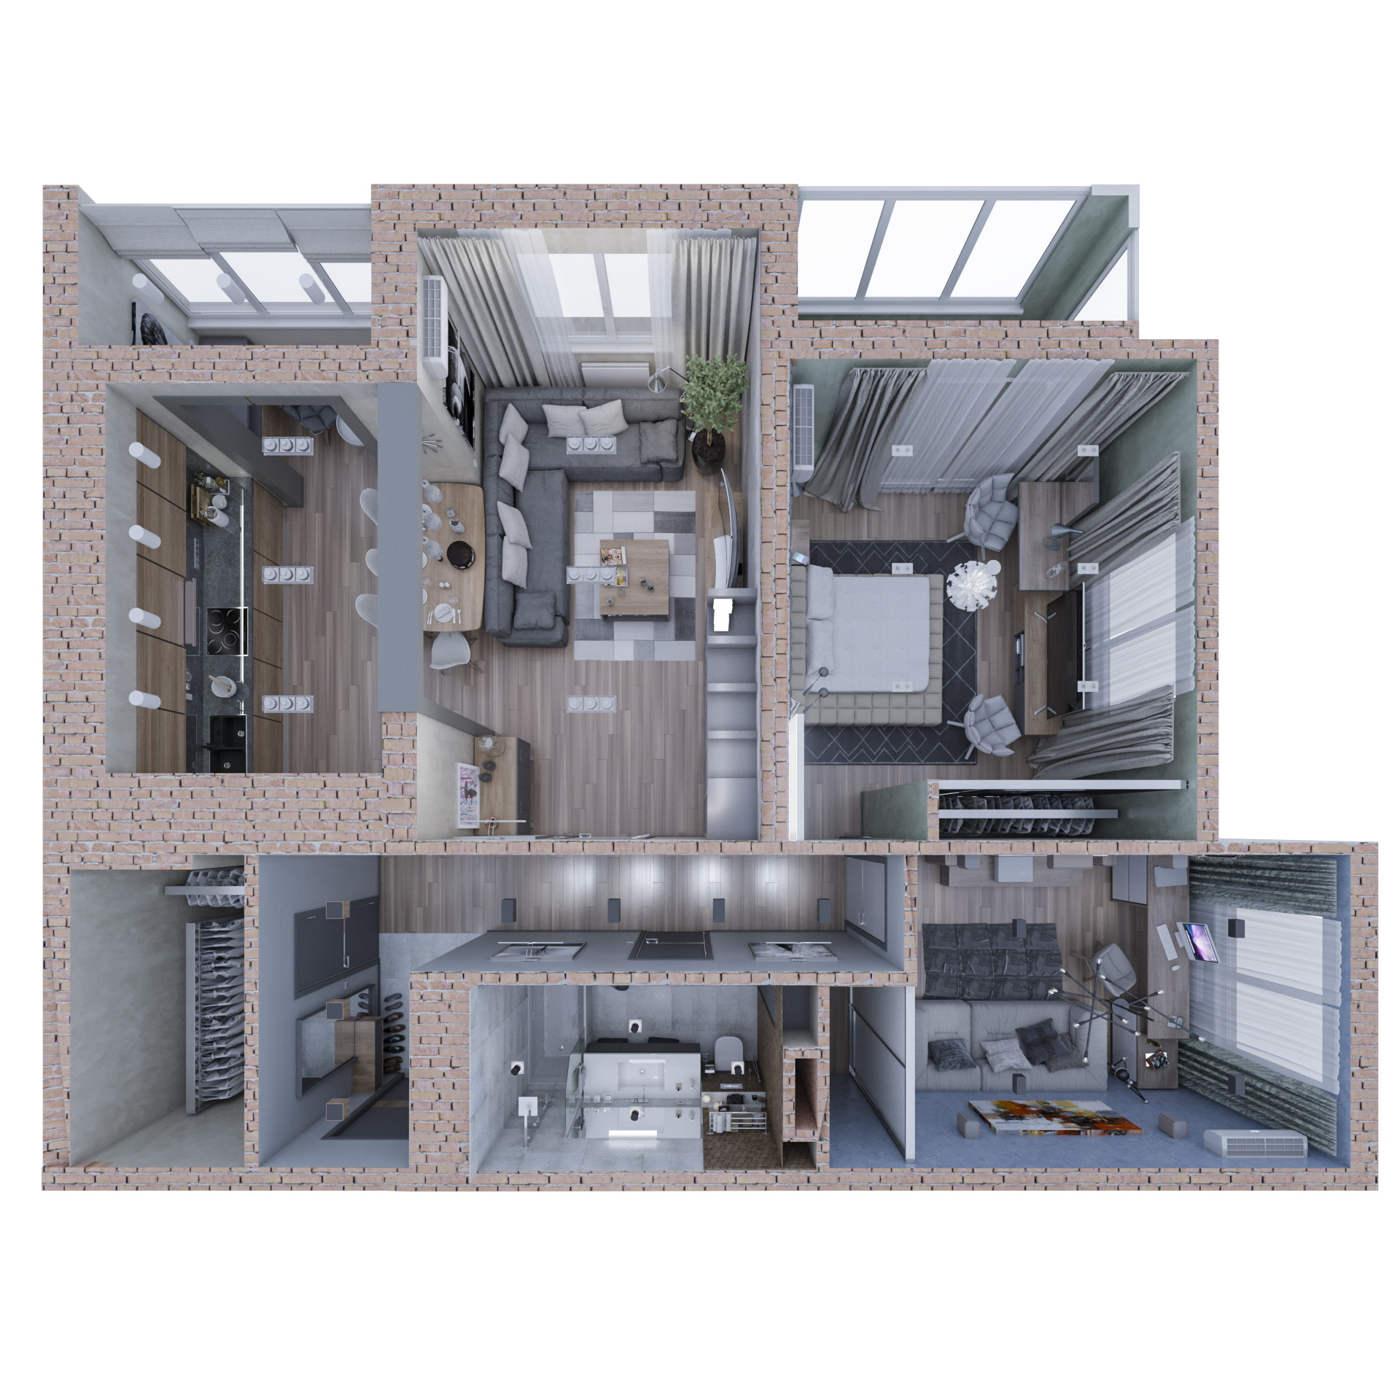 дизайн квартиры план сверху